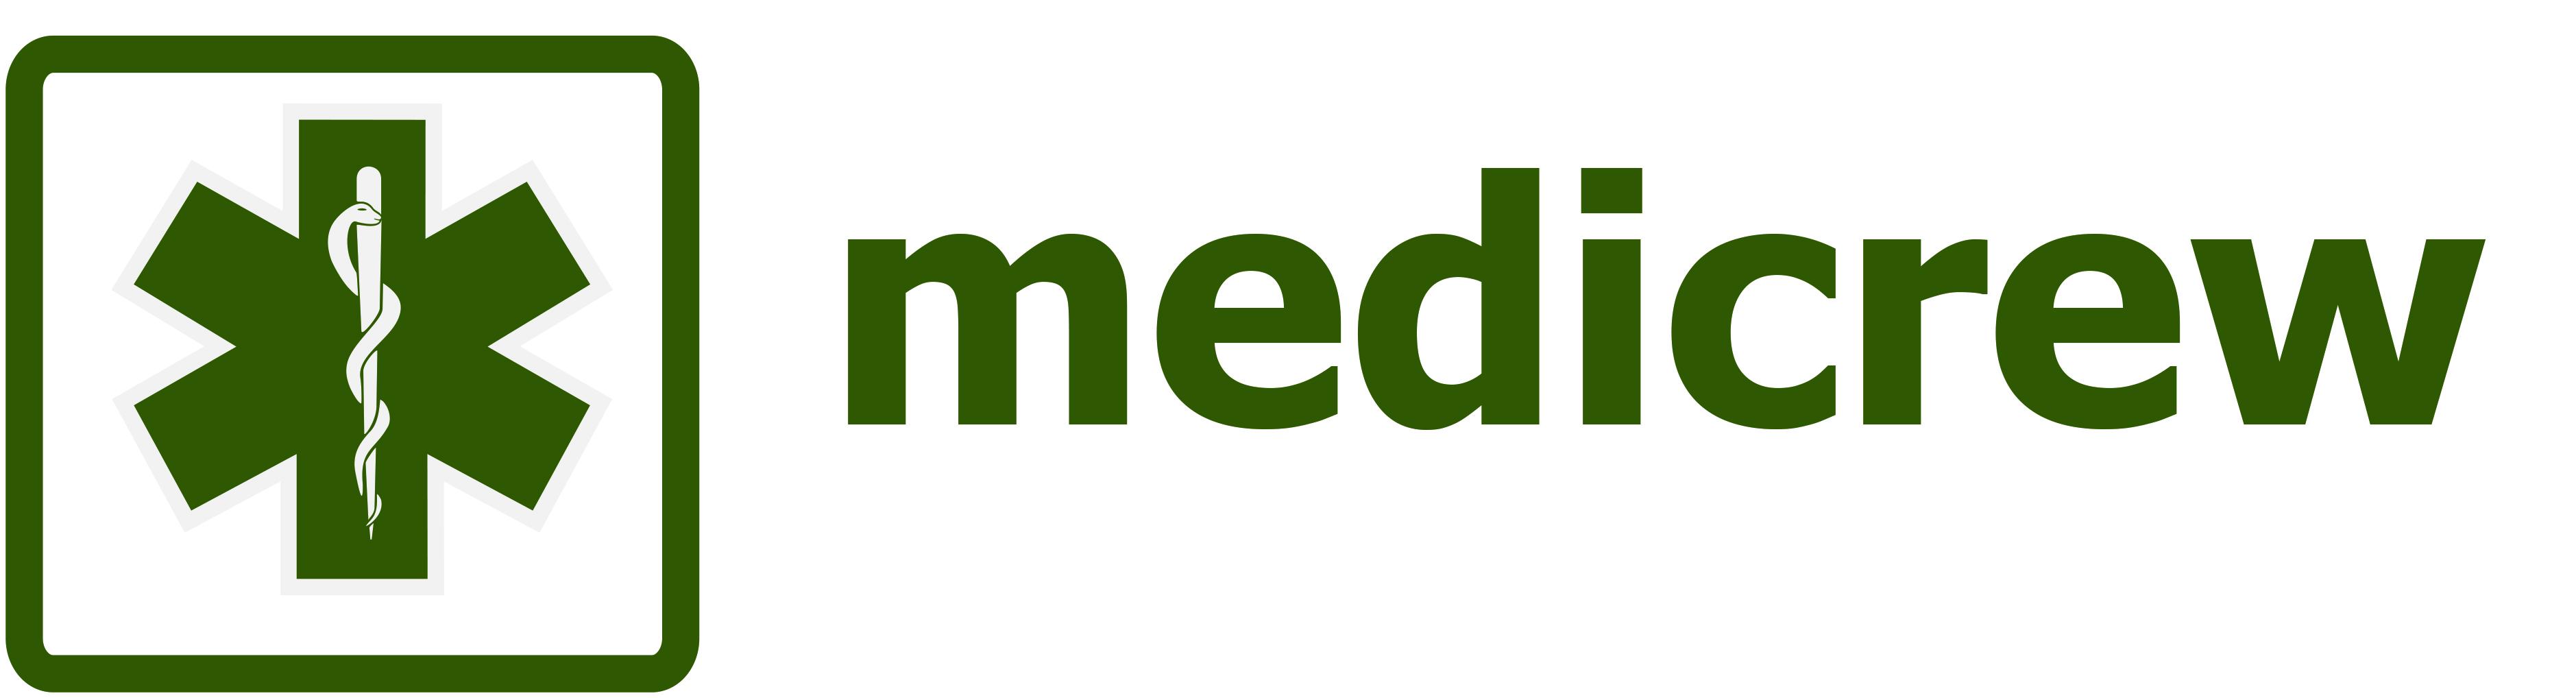 medicrew